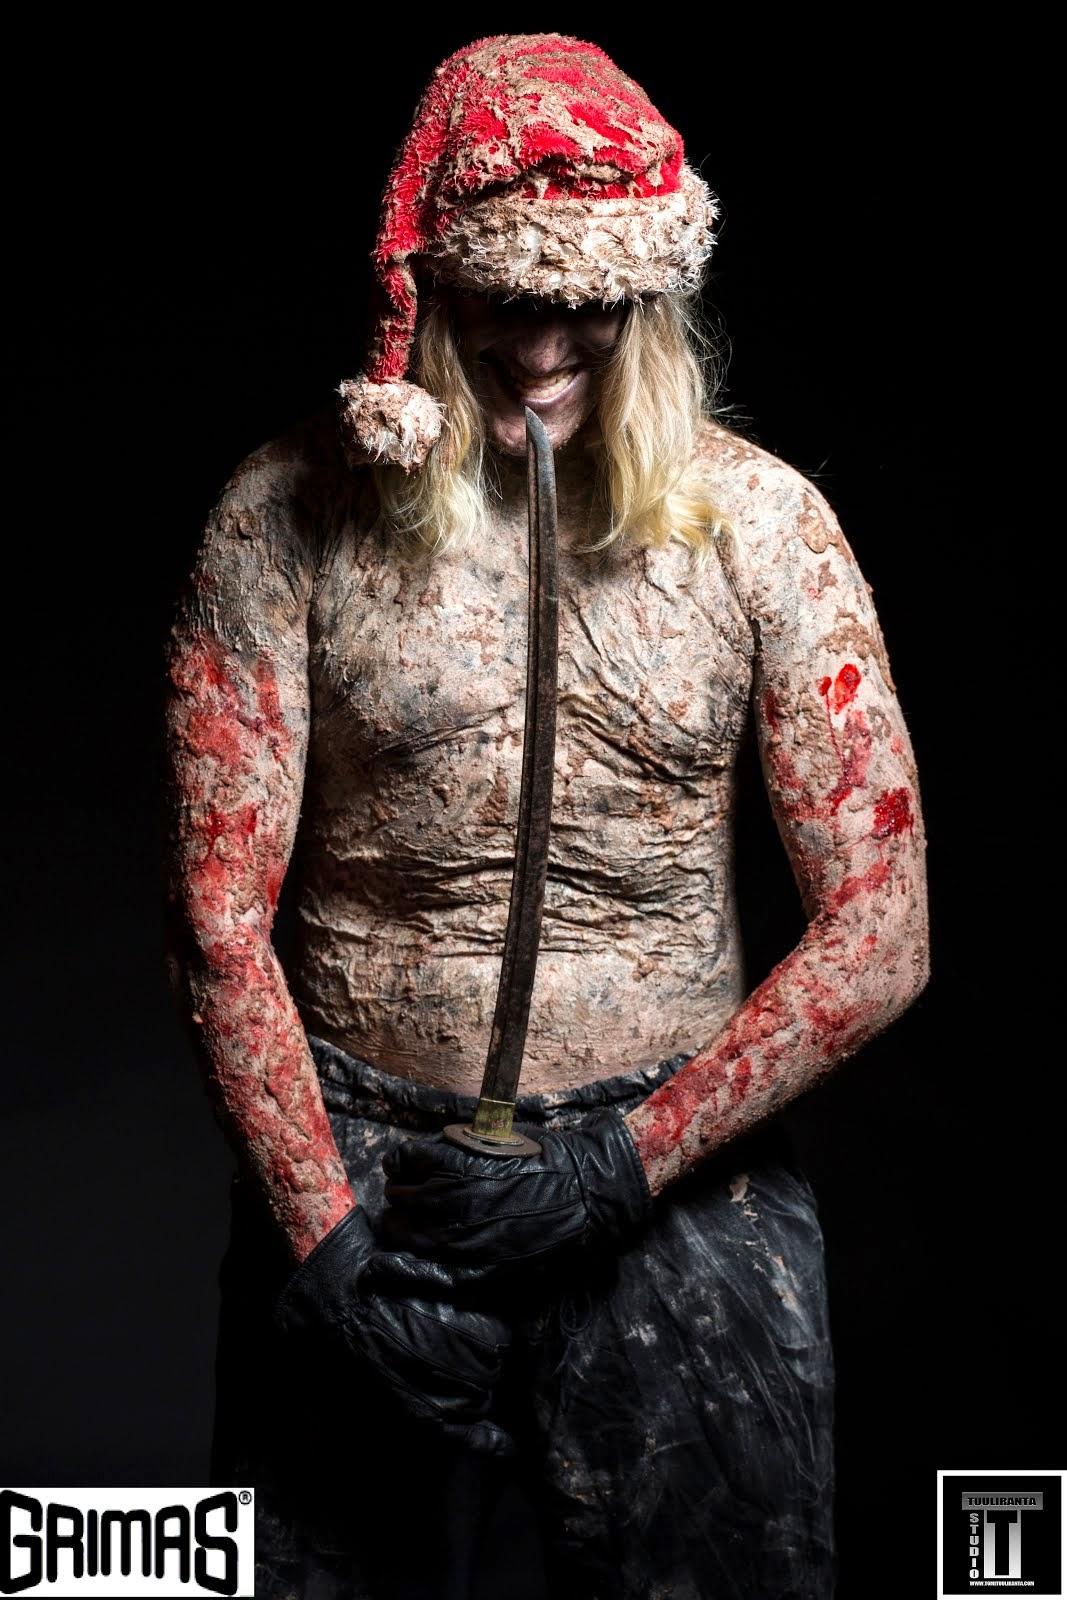 Samurai-tonttu. Maskeeraaja: Ari Savonen.